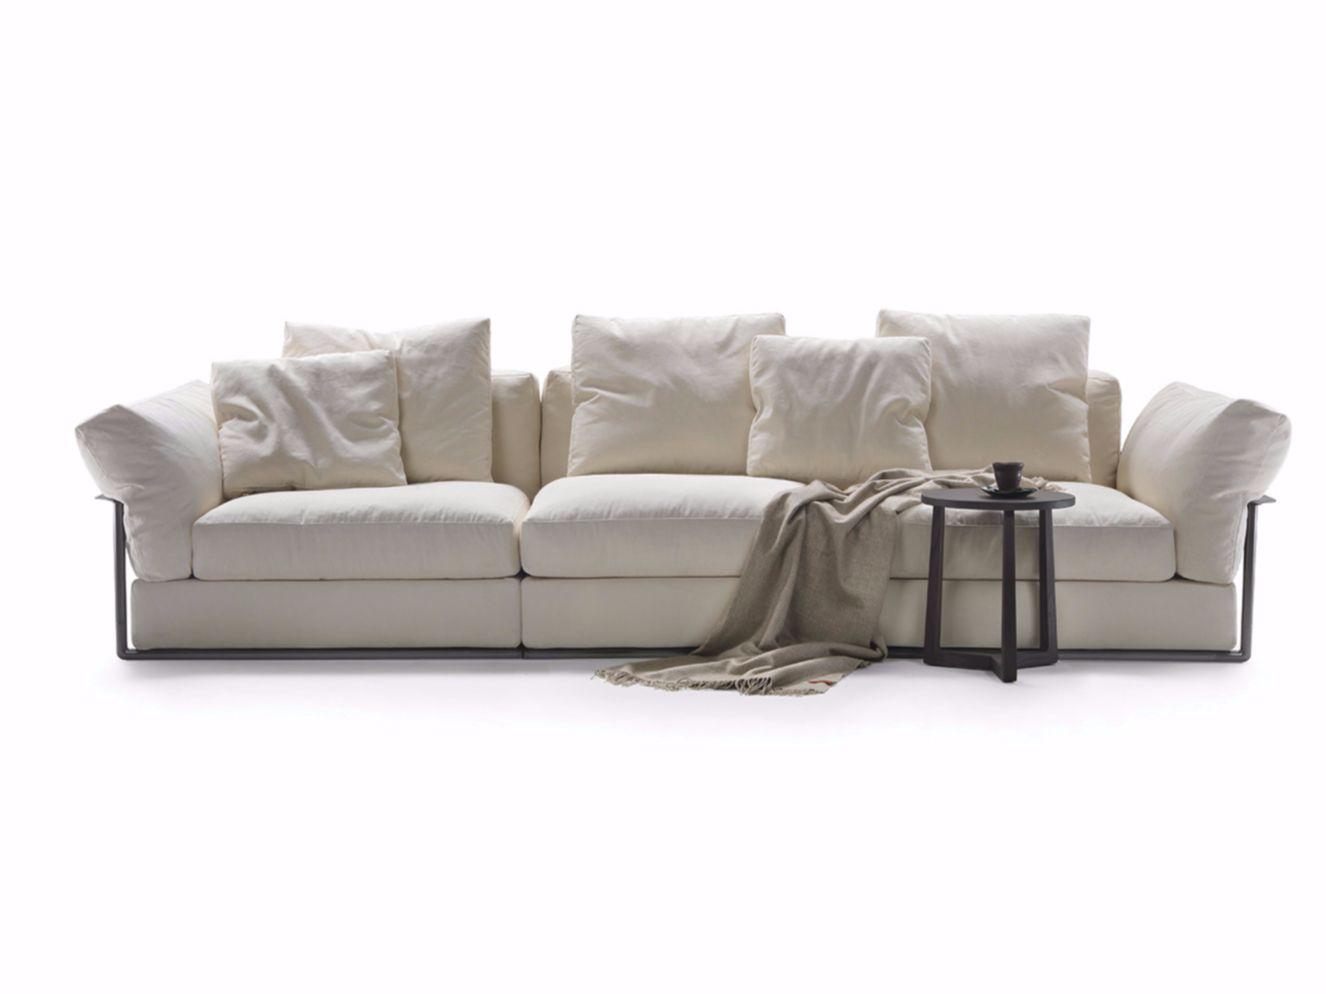 Zeno divano collezione zeno by flexform design antonio for Divano sfoderabile